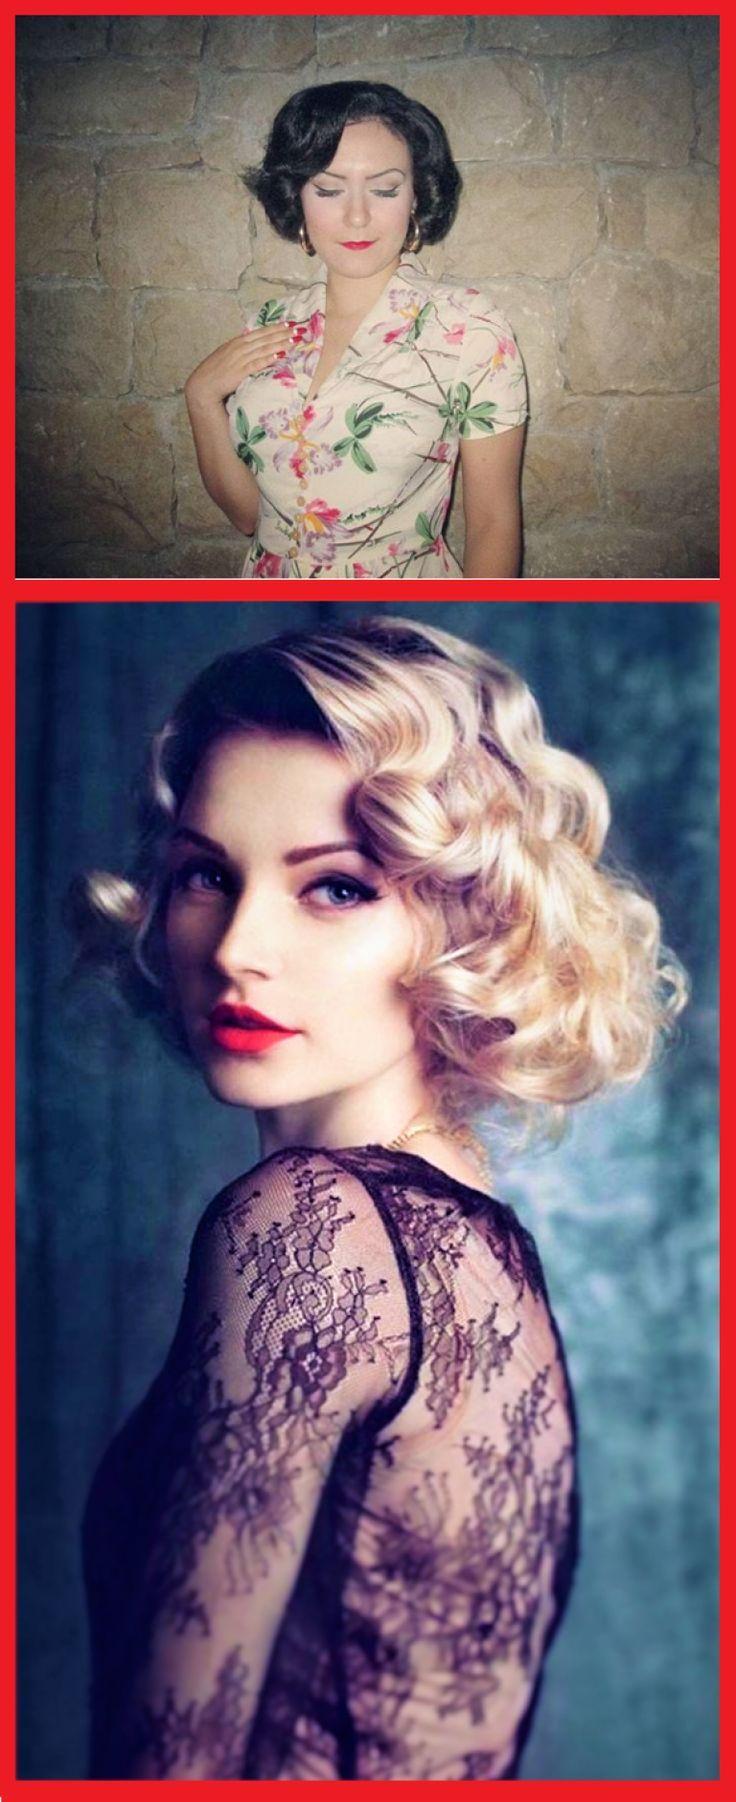 50er 60er Jahre Frisuren Frauen Kurze Haare Zum Selber Machen 50er 60er Forwrinkles Frauen F 60s Hair Womens Hairstyles Short Curly Hairstyles For Women